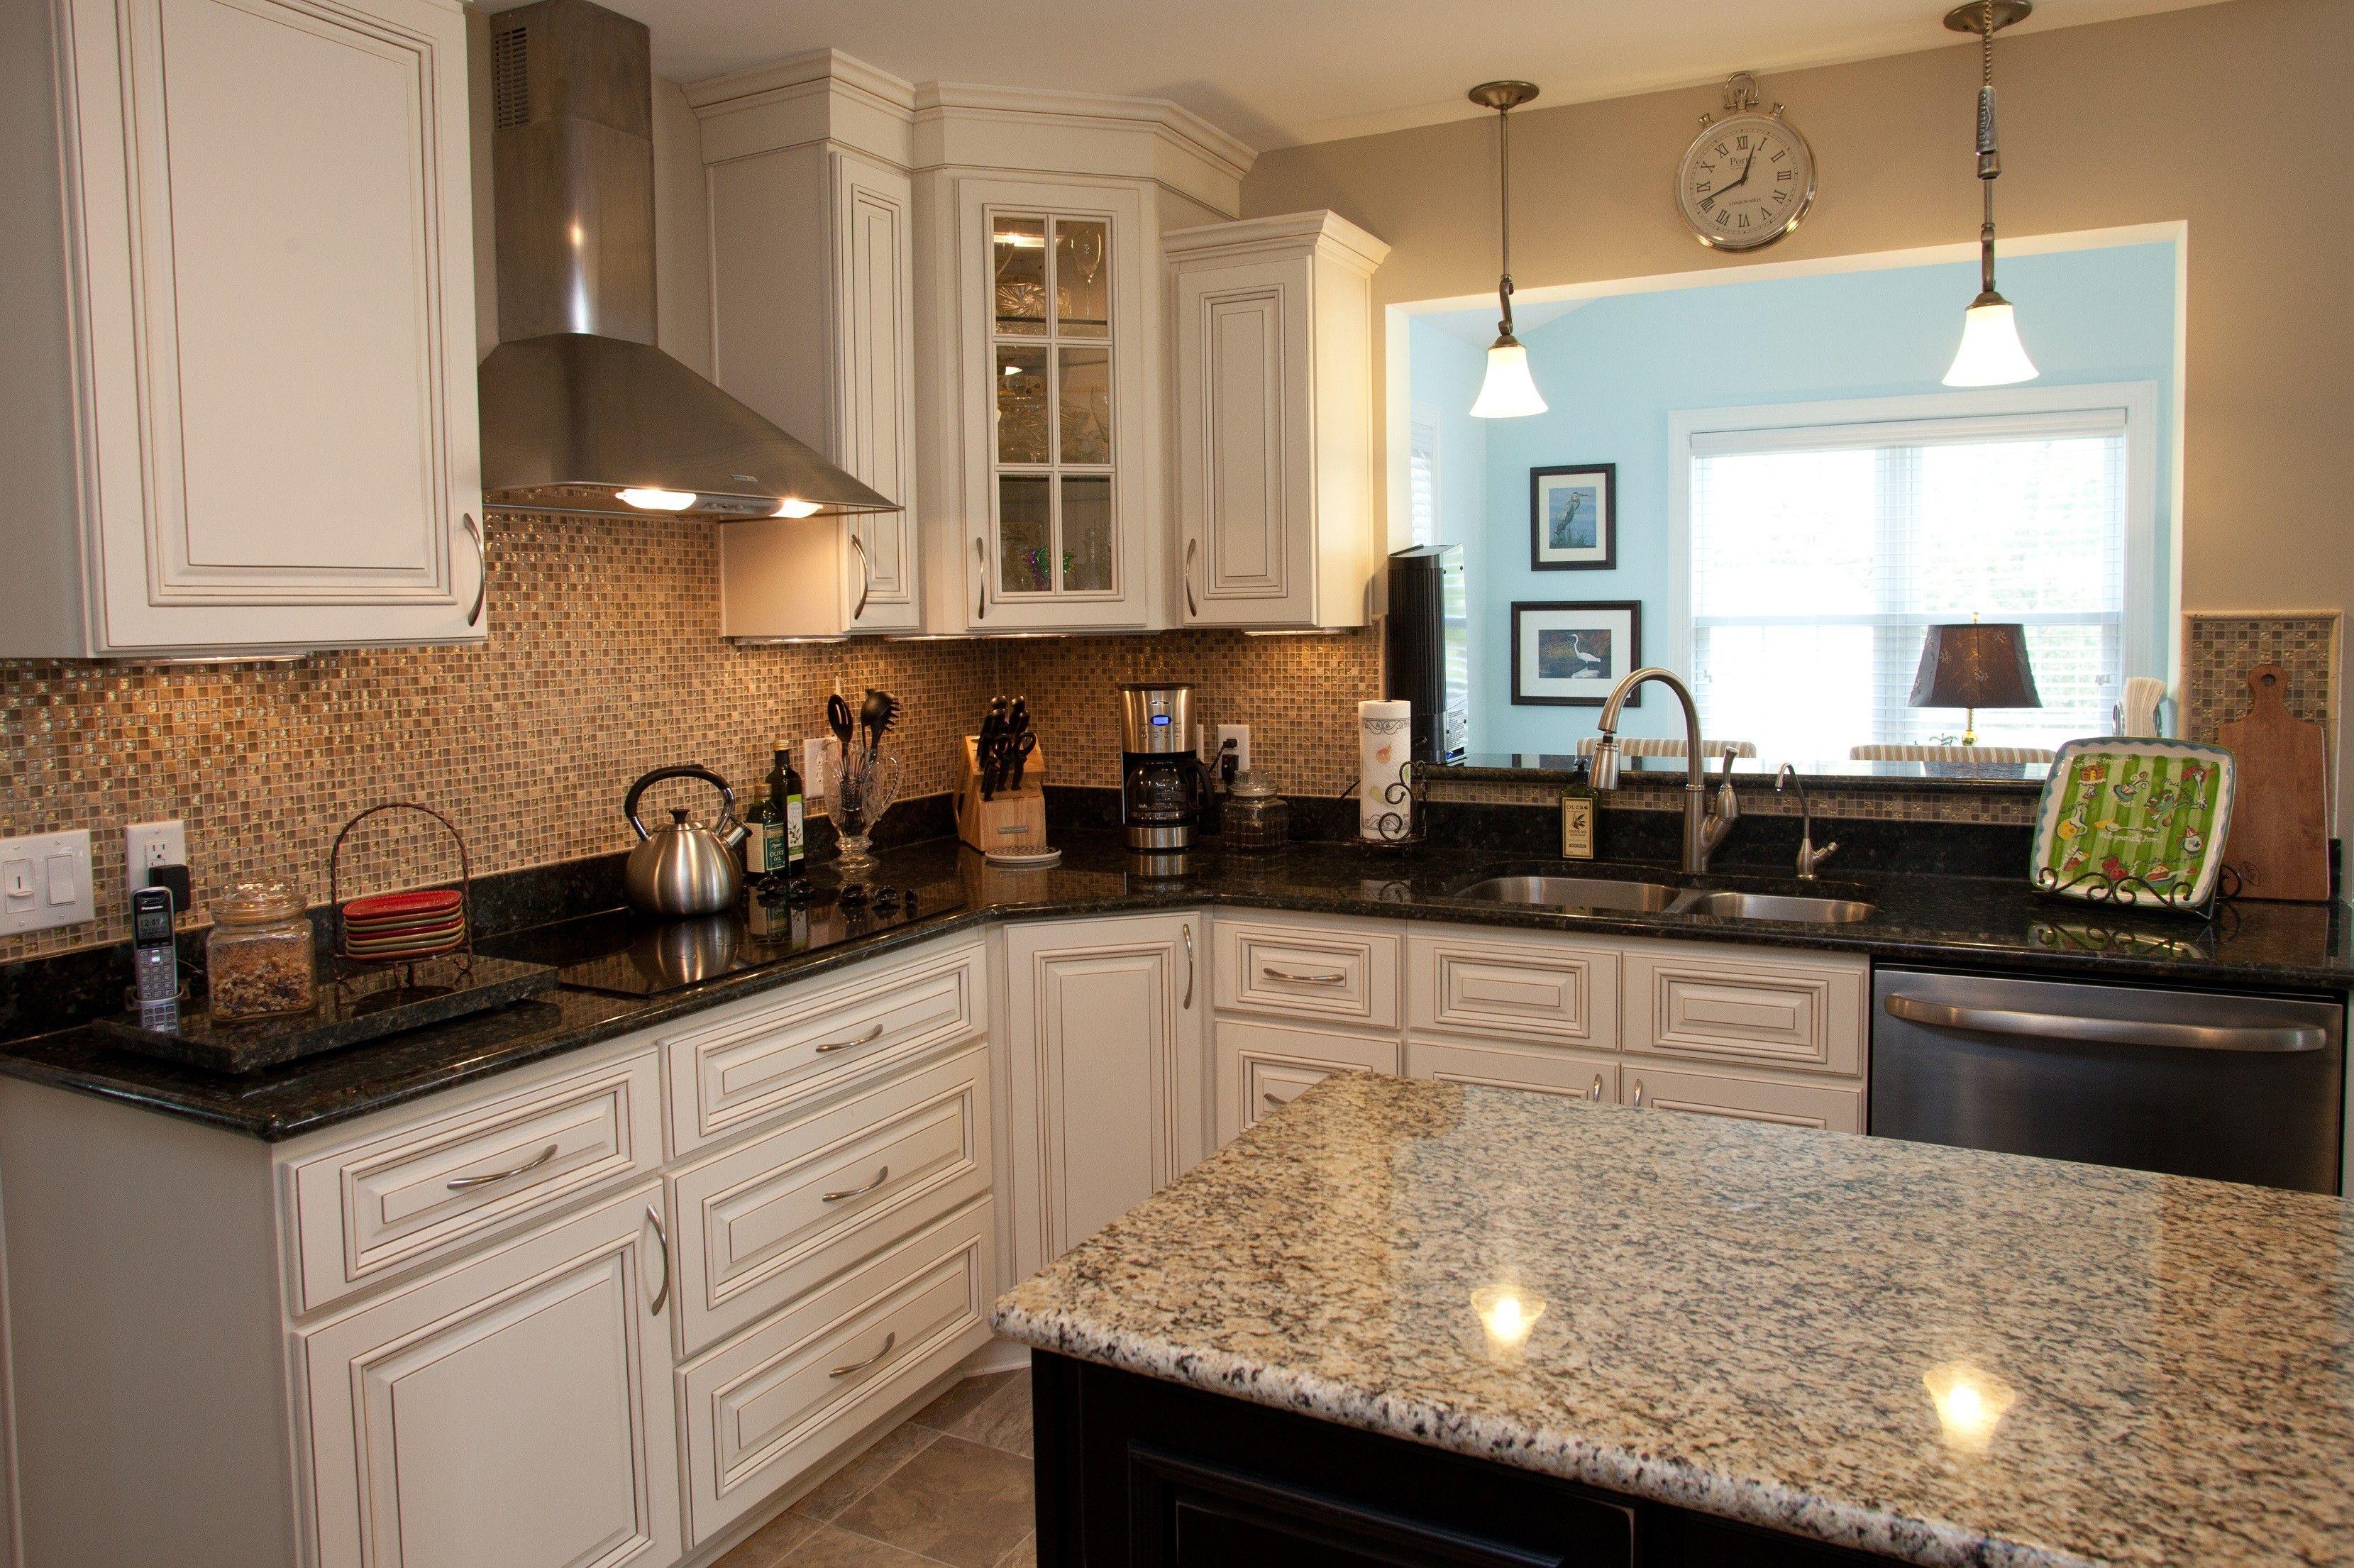 Schone Weisse Shaker Kuche Kabinette Und Enthalt Schwarze Glanz Granit Abbi Beautiful Kitchen Cabinets Kitchen Countertops Granite Colors Kitchen Cabinet Design